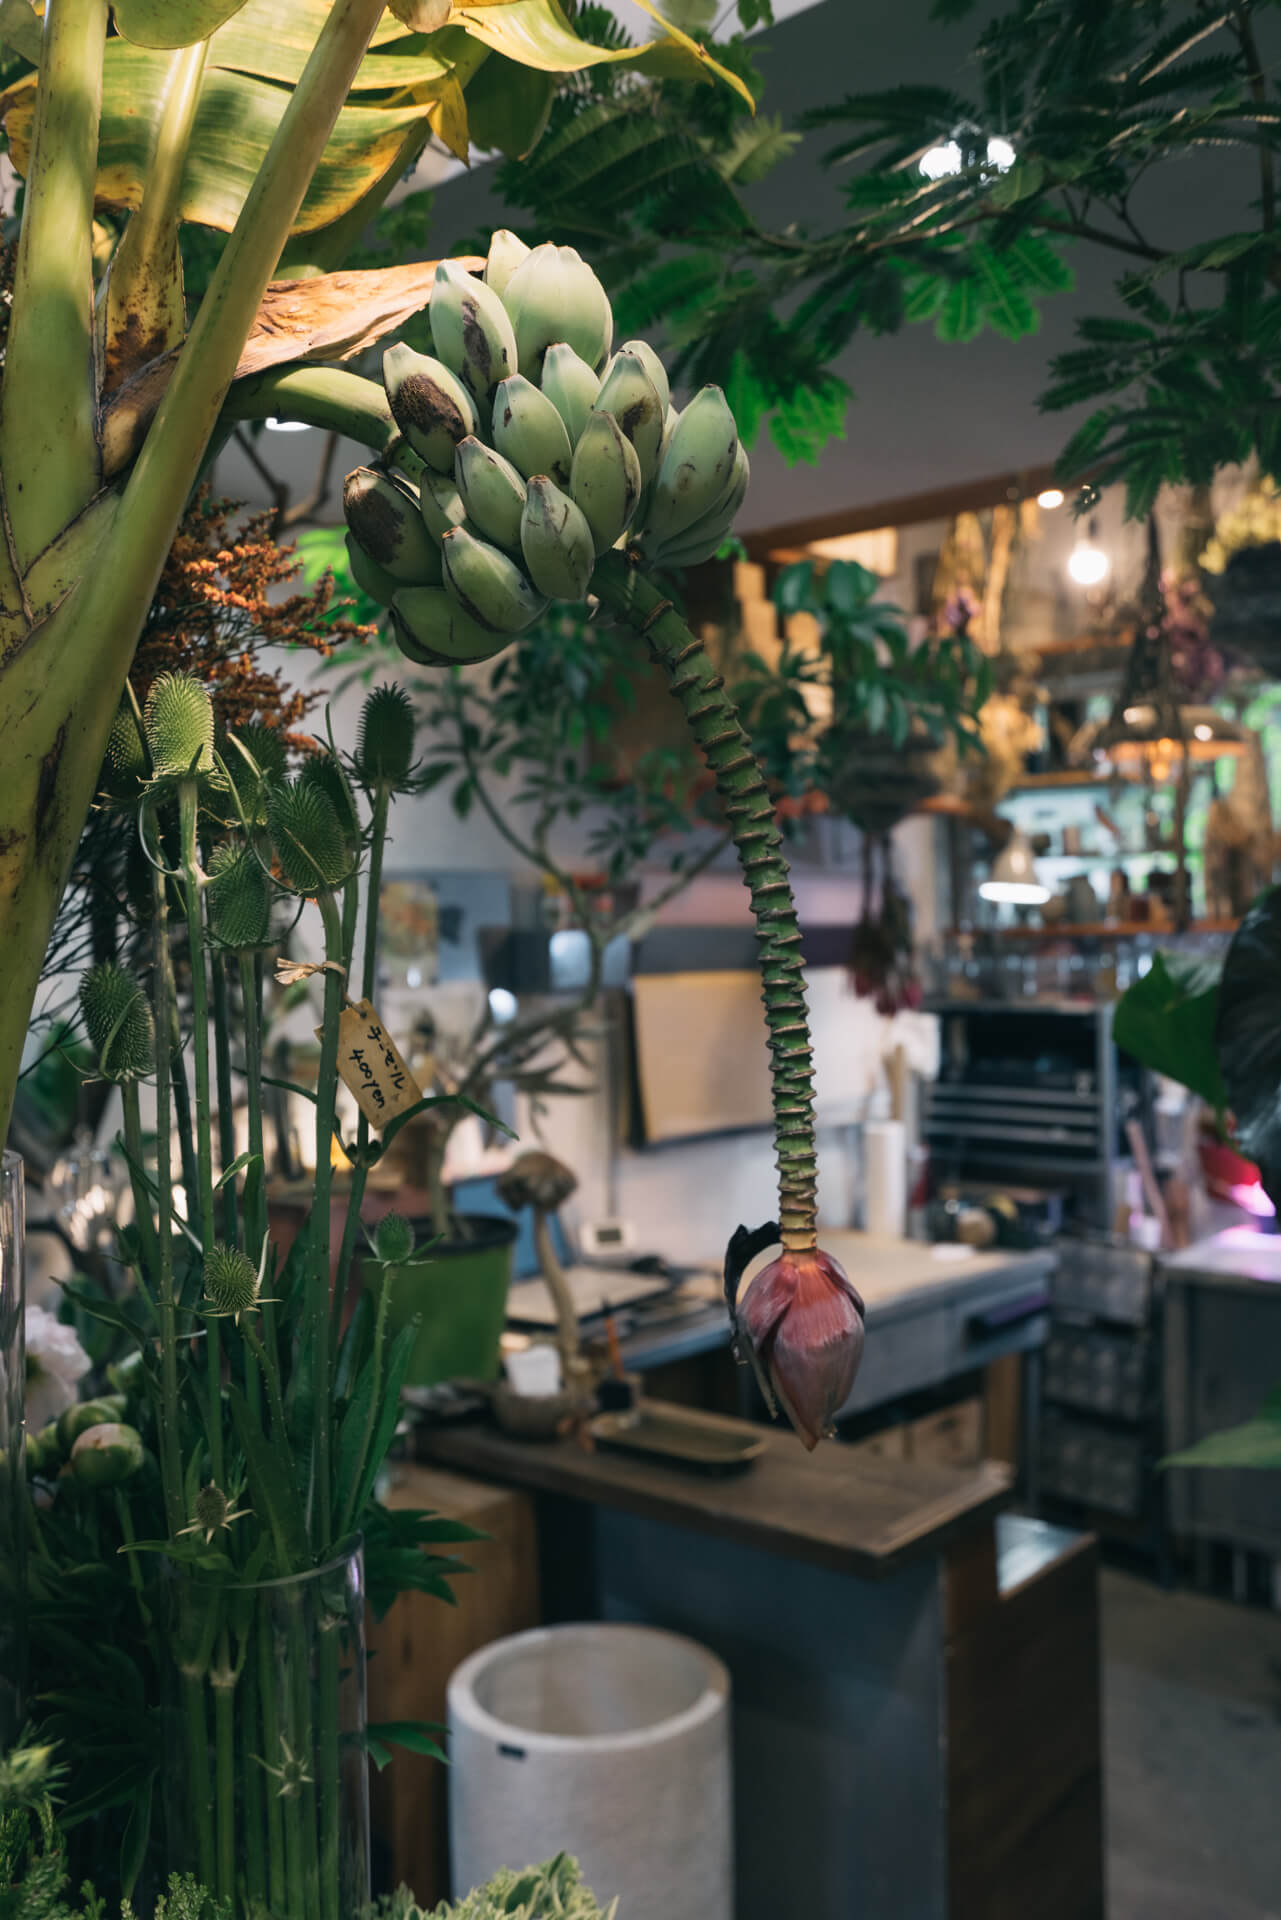 びっくりしたのは、冒頭の写真にも写っている、バナナの木!こんな風に蕾をつけるんだな……!